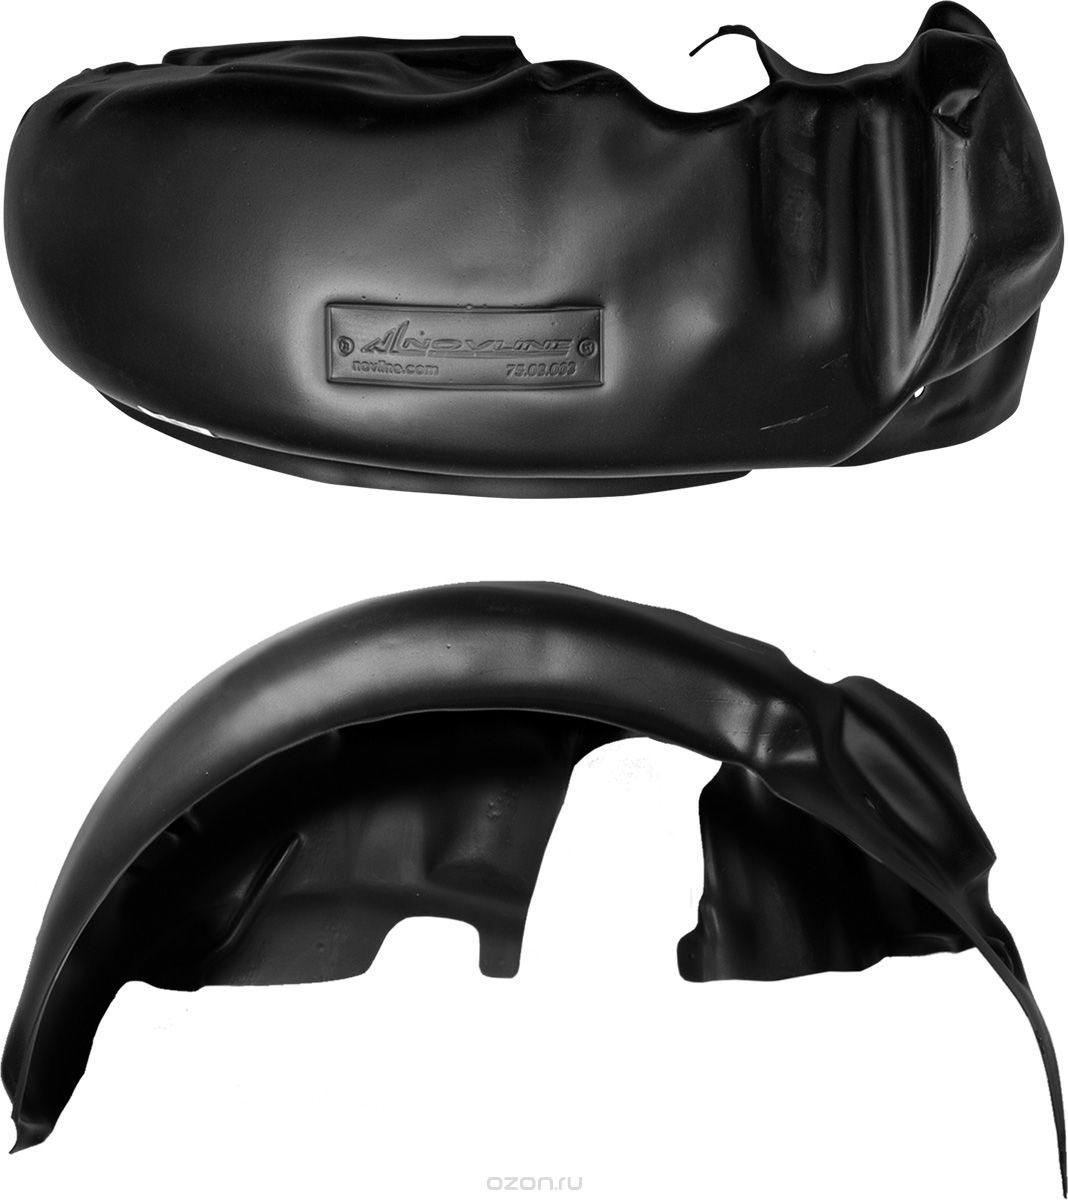 Подкрылок Novline-Autofamily, для BRILLIANCE V5, 2014->, передний левый42803003Идеальная защита колесной ниши. Локеры разработаны с применением цифровых технологий, гарантируют максимальную повторяемость поверхности арки. Изделия устанавливаются без нарушения лакокрасочного покрытия автомобиля, каждый подкрылок комплектуется крепежом. Уважаемые клиенты, обращаем ваше внимание, что фотографии на подкрылки универсальные и не отражают реальную форму изделия. При этом само изделие идет точно под размер указанного автомобиля.